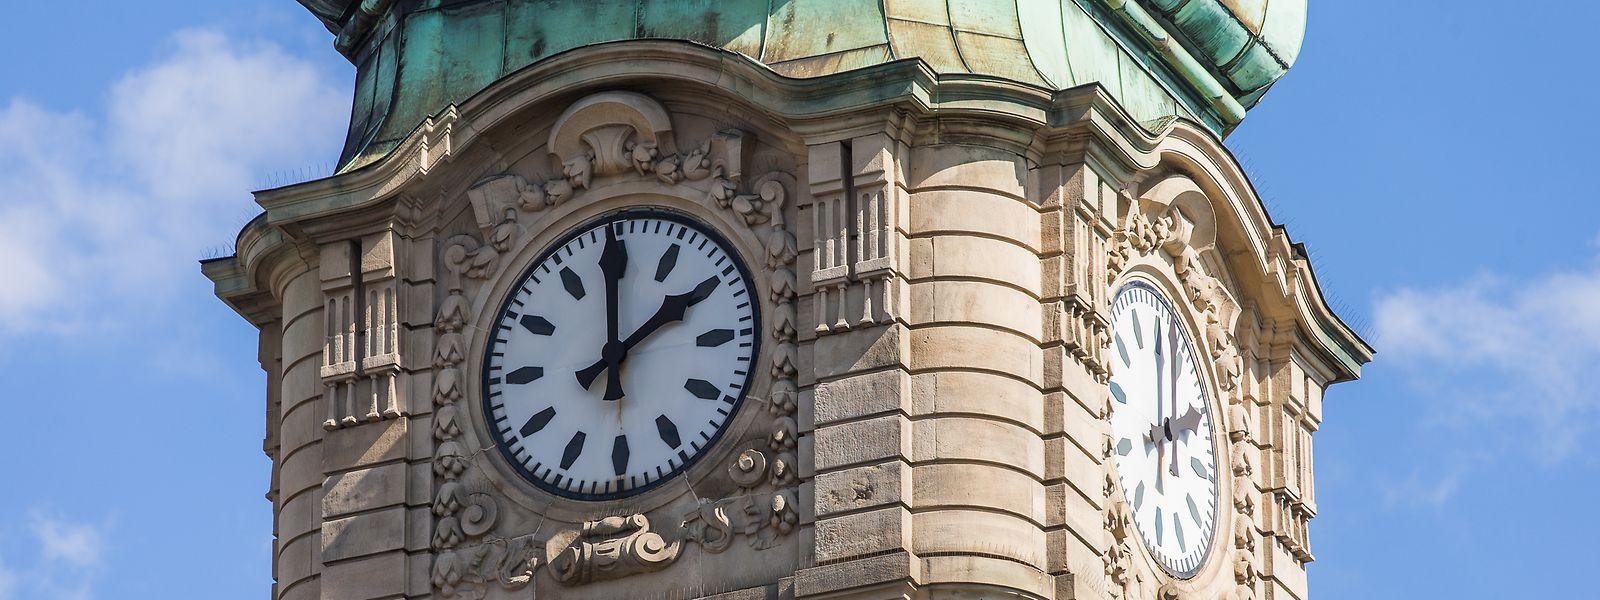 Ce dimanche, les résidents du Luxembourg perdront une heure de sommeil en raison du passage à l'heure d'été.